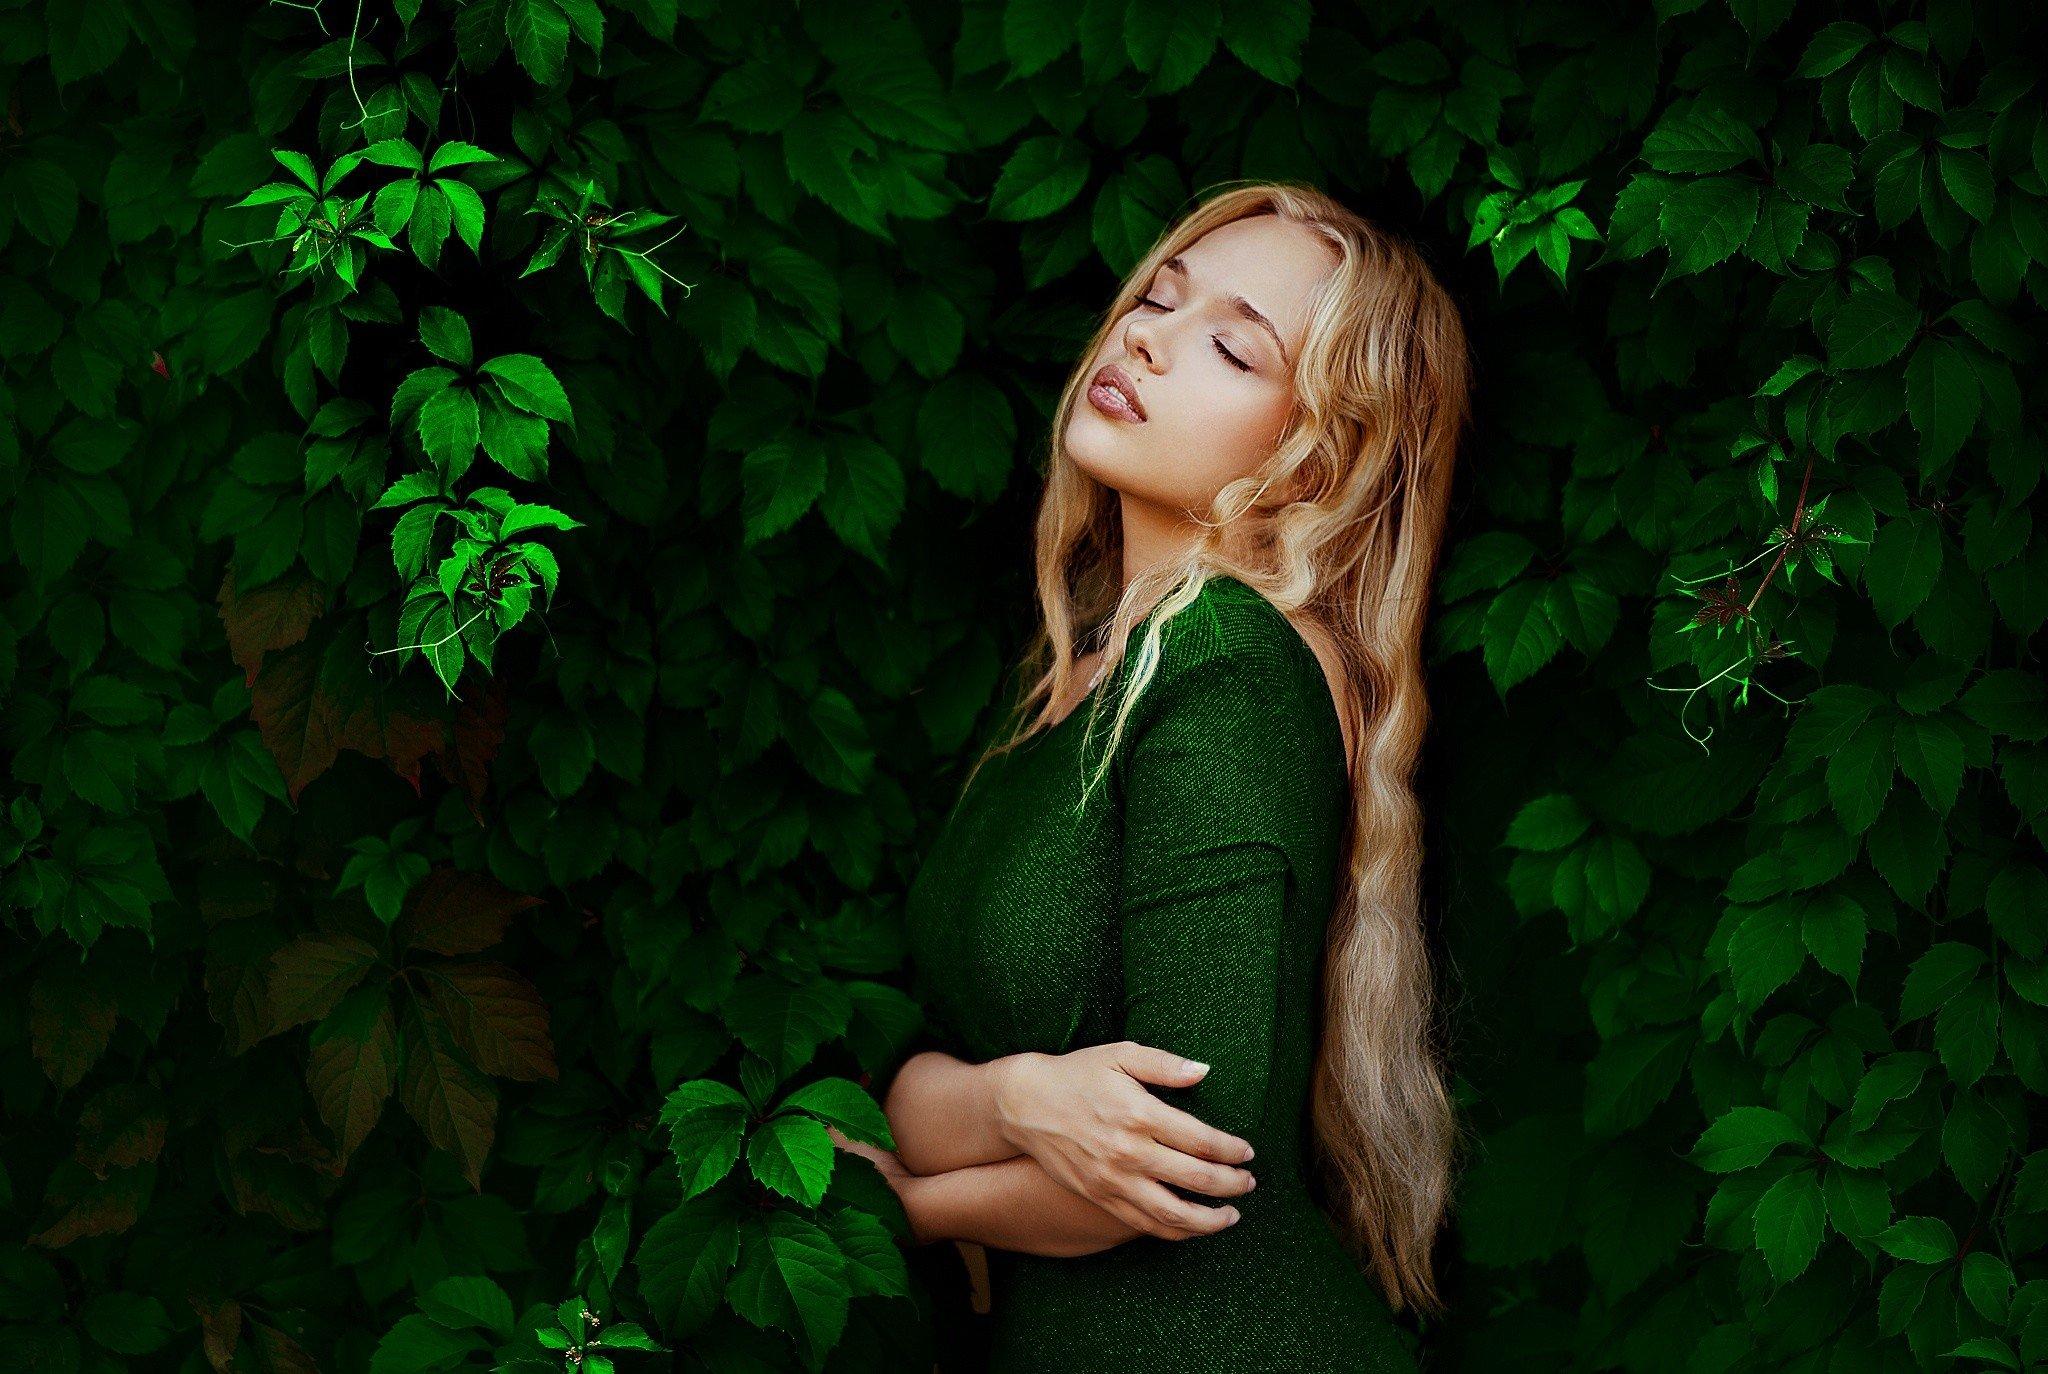 women, Blonde, Leaves, Closed eyes, Dress, Green dress, Ann Nevreva Wallpaper